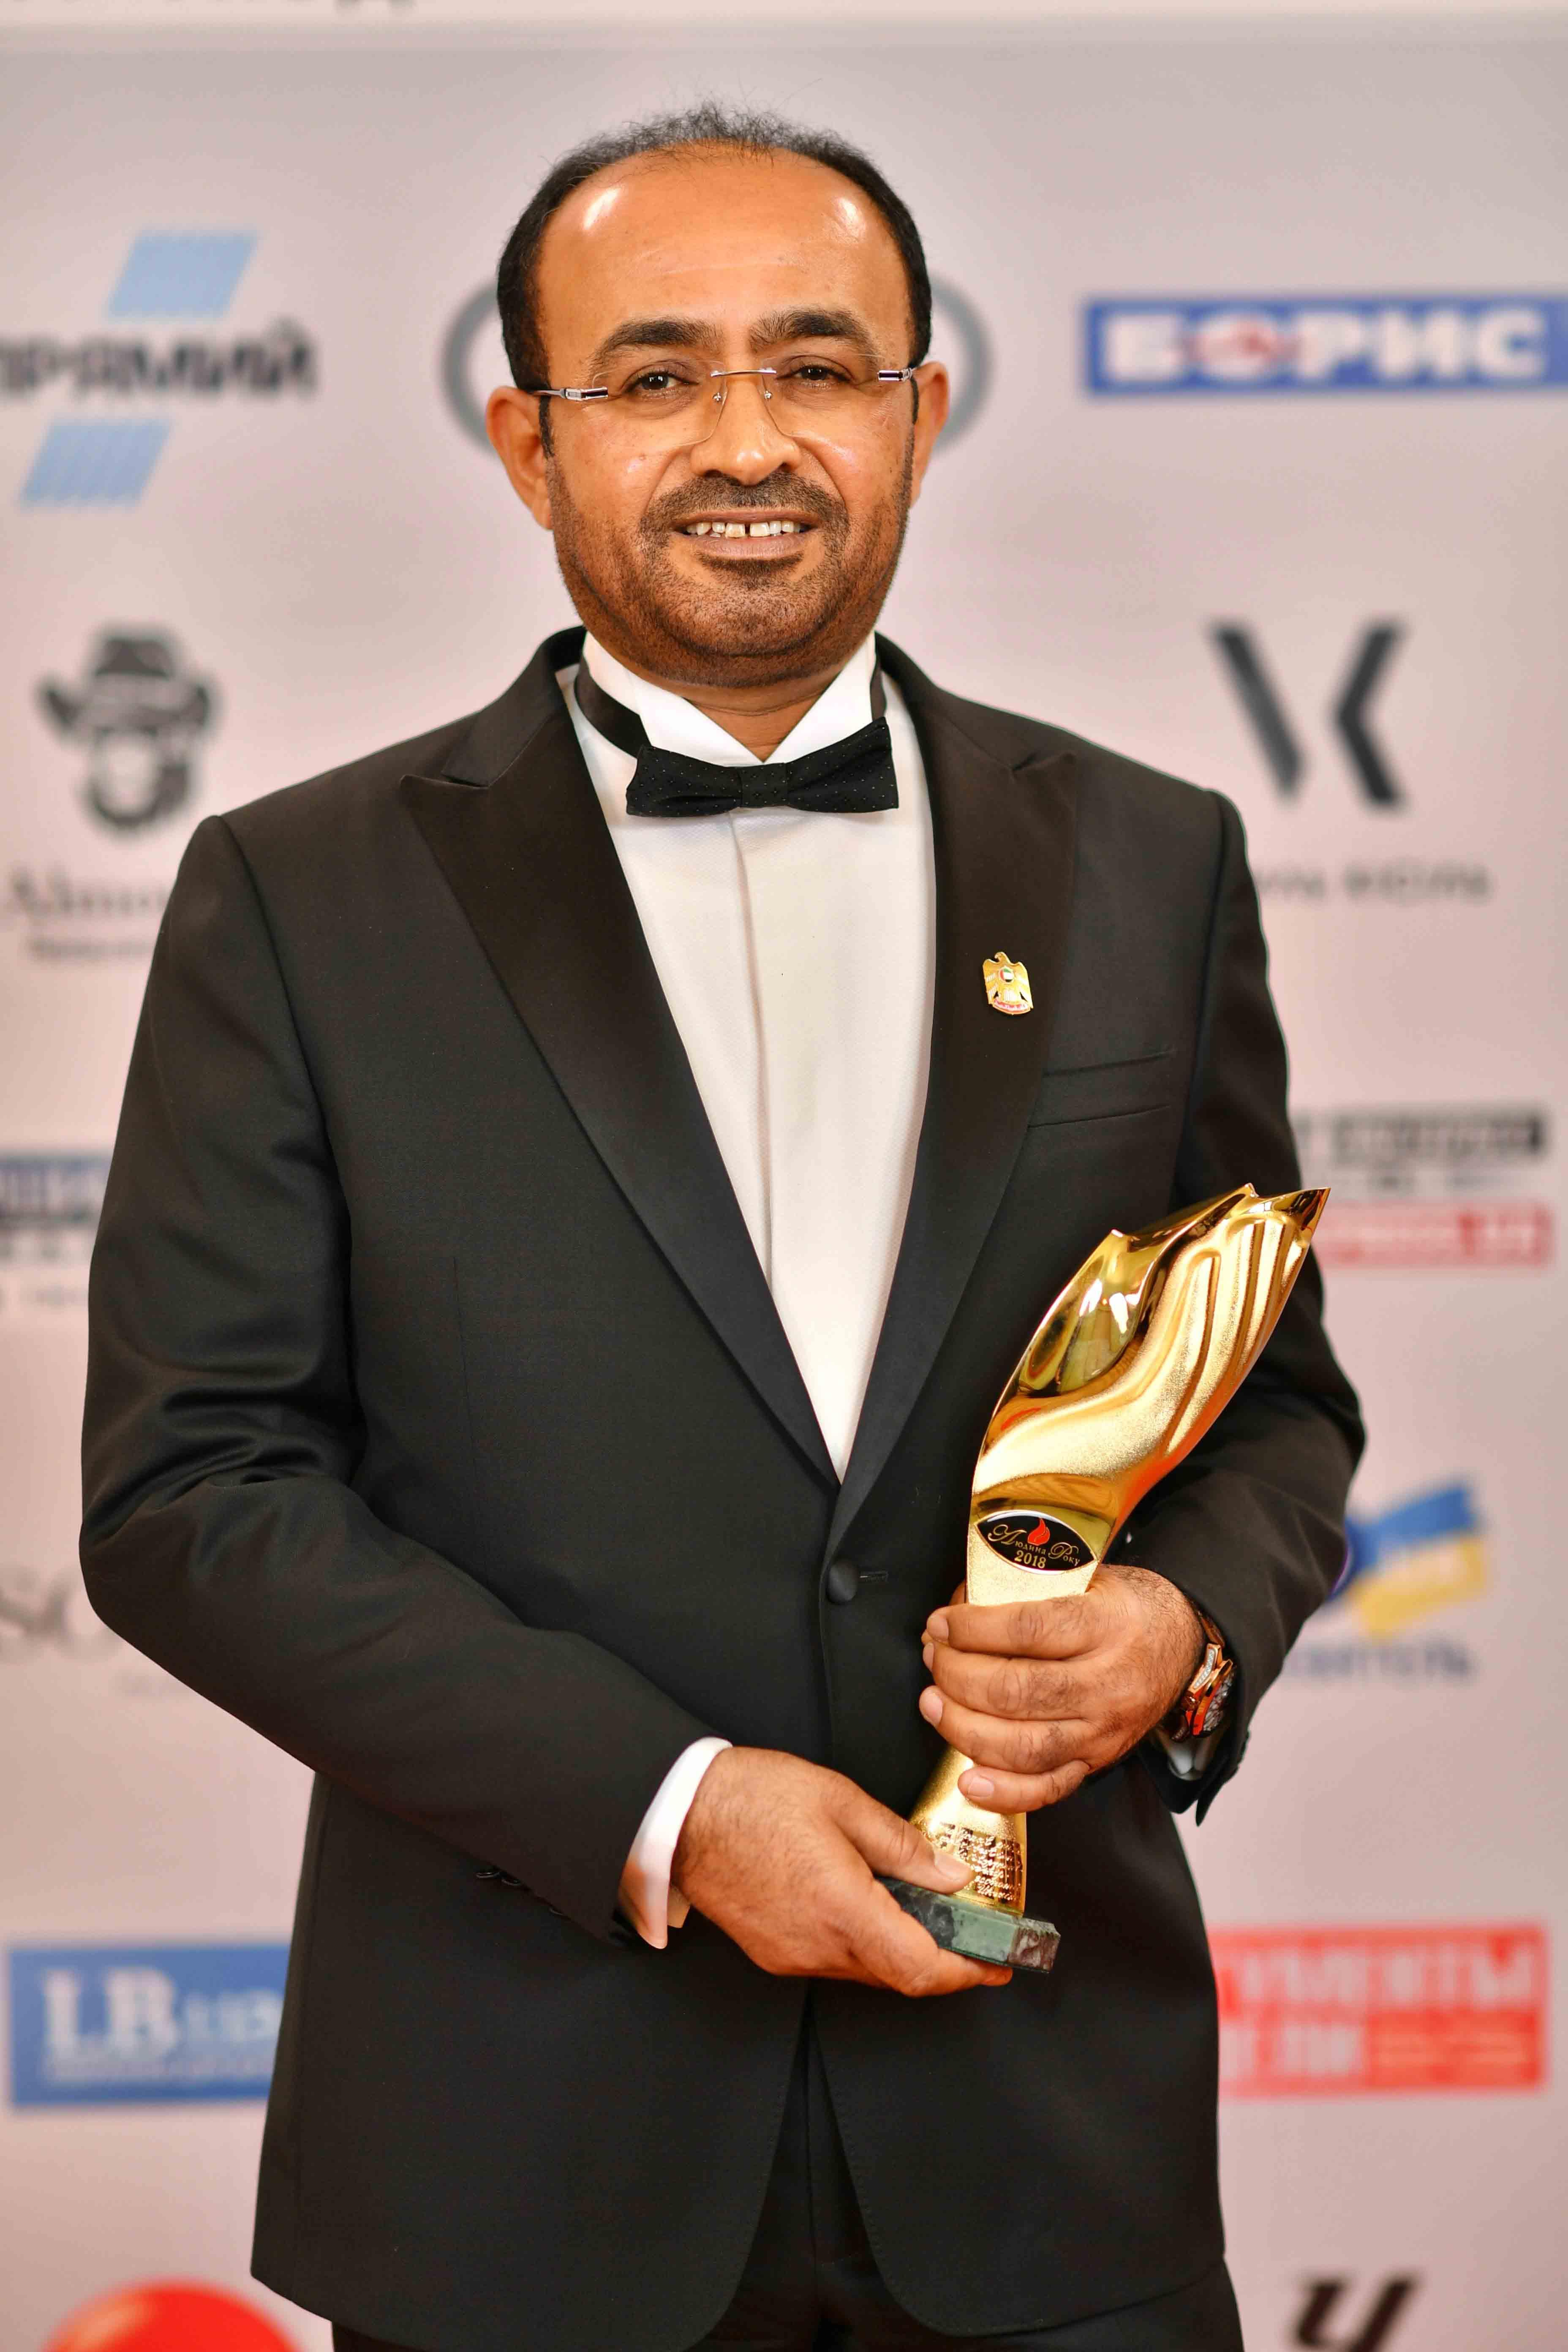 Человек года – 2018 награждение победителей 23 общенациональной премии КААБИ